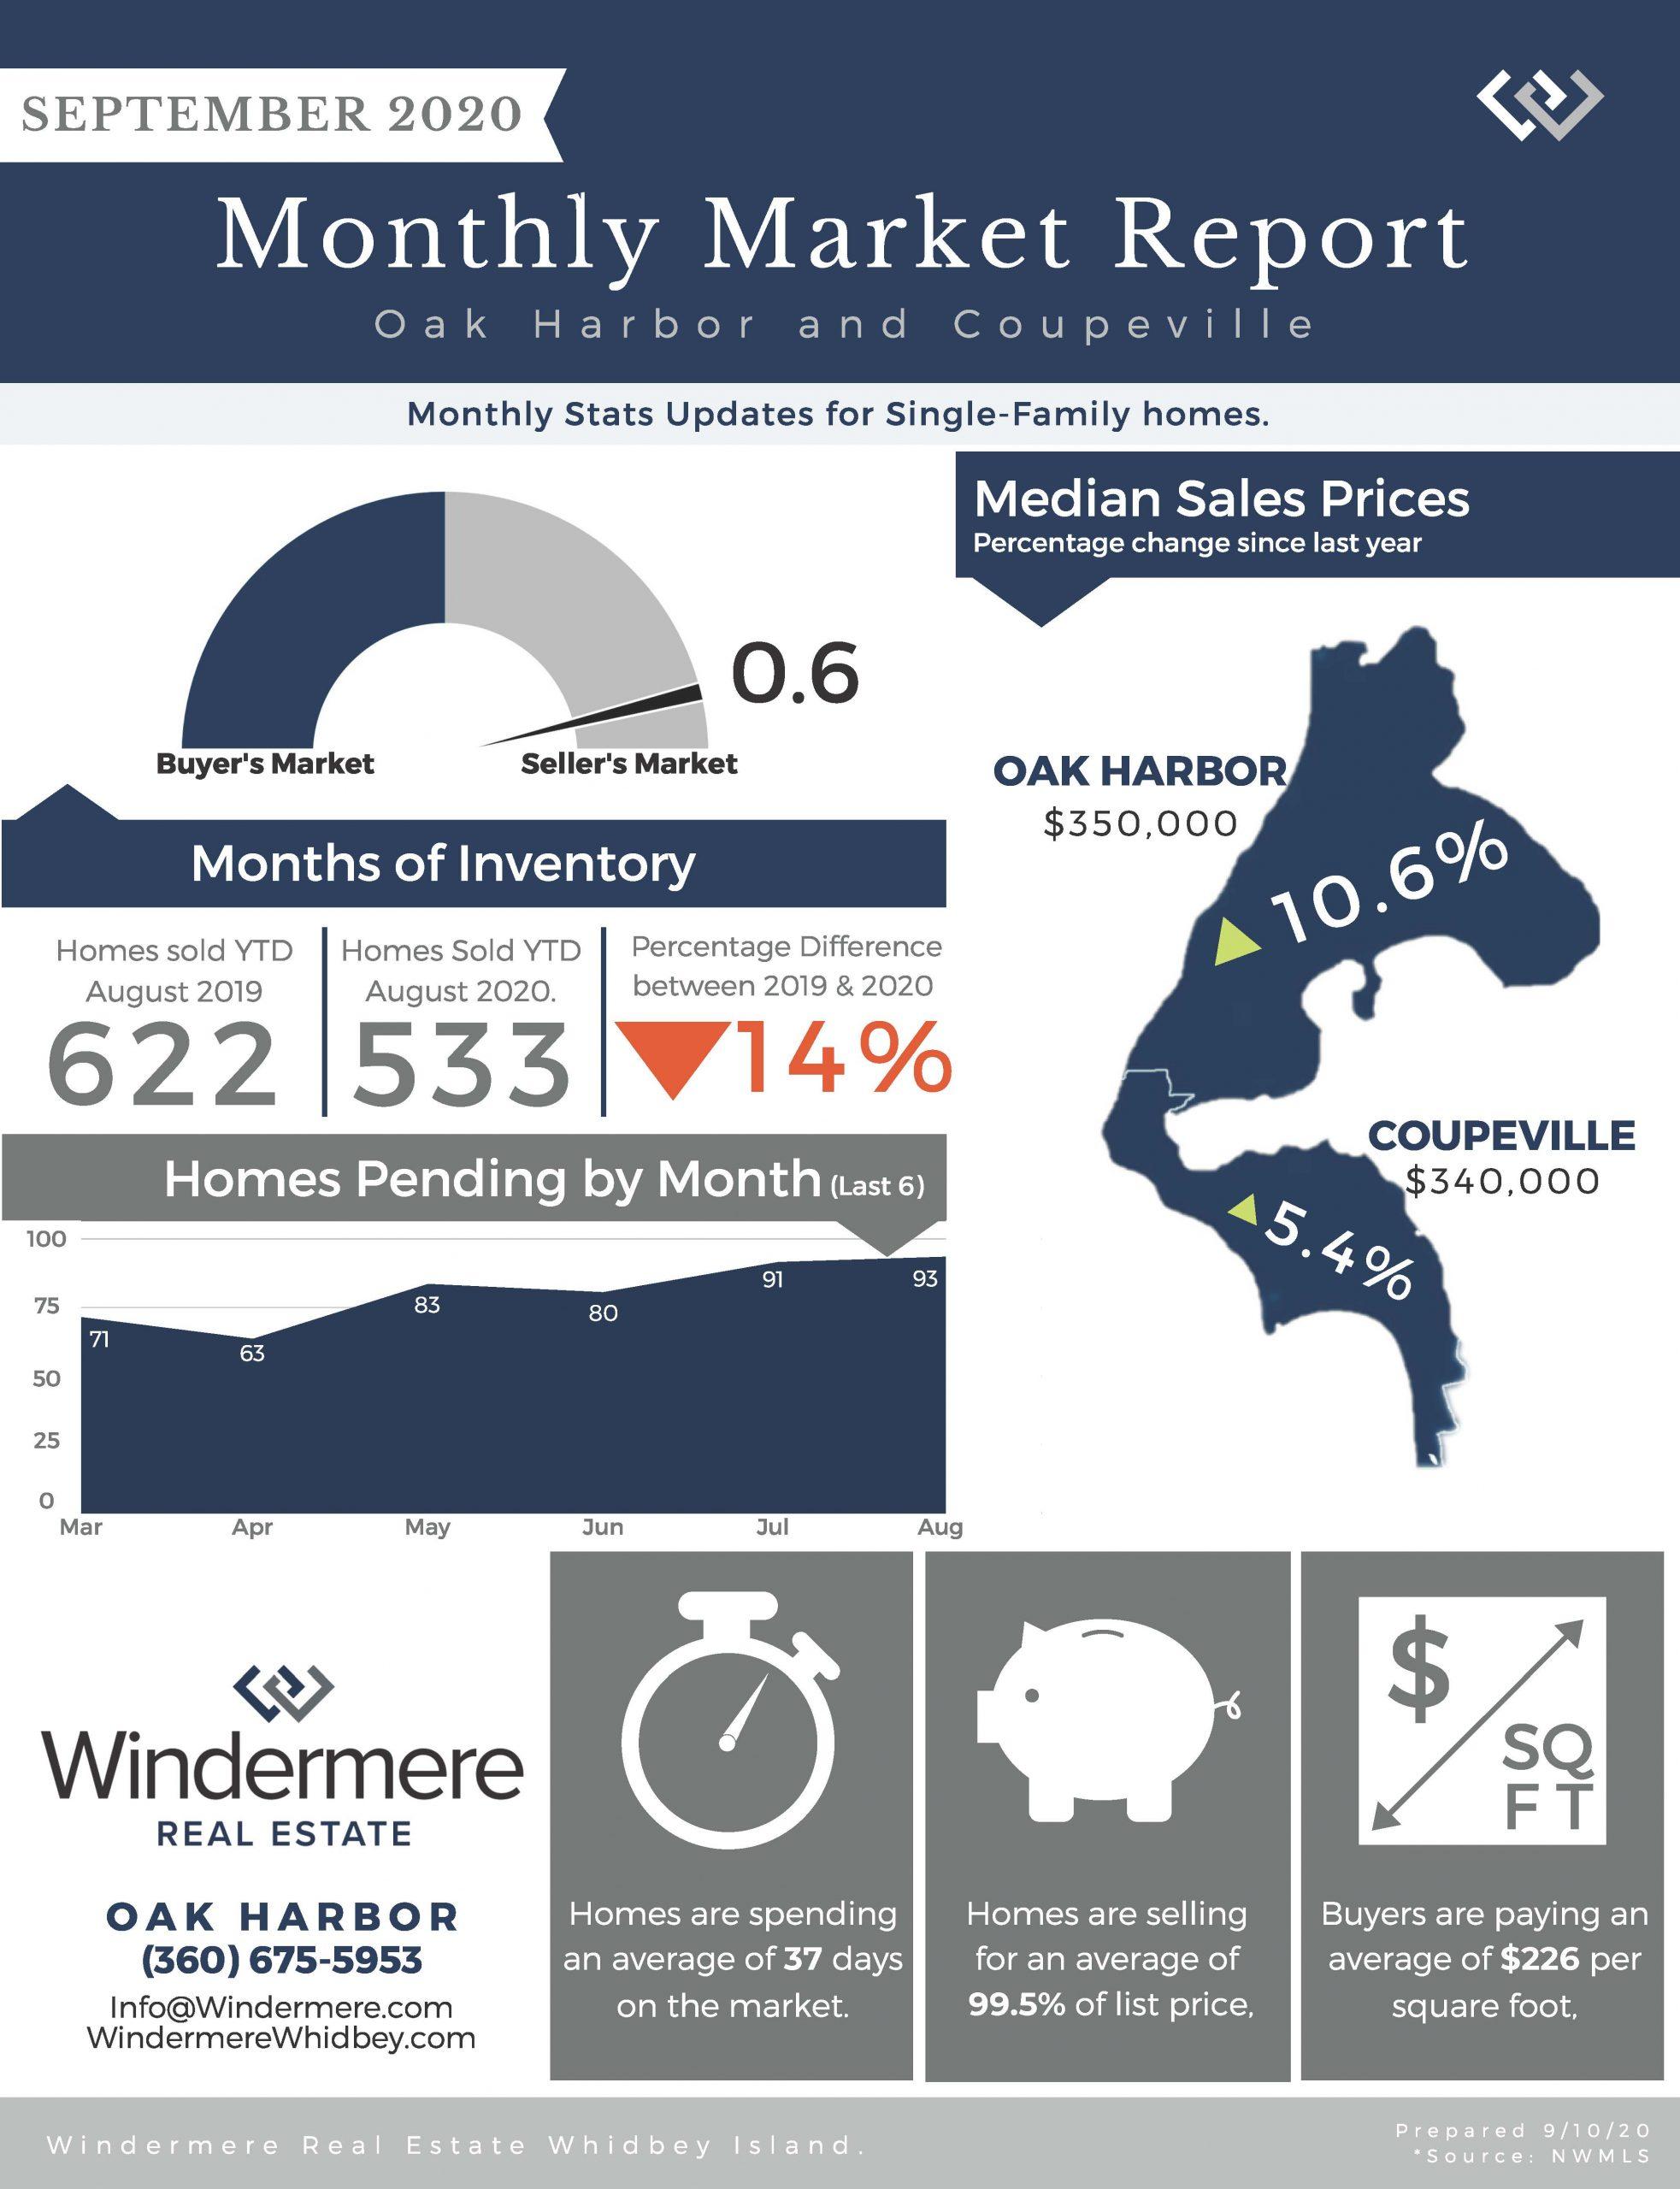 Windermere, Real estate, Stats, Homes Sold, Oak Harbor, Coupeville